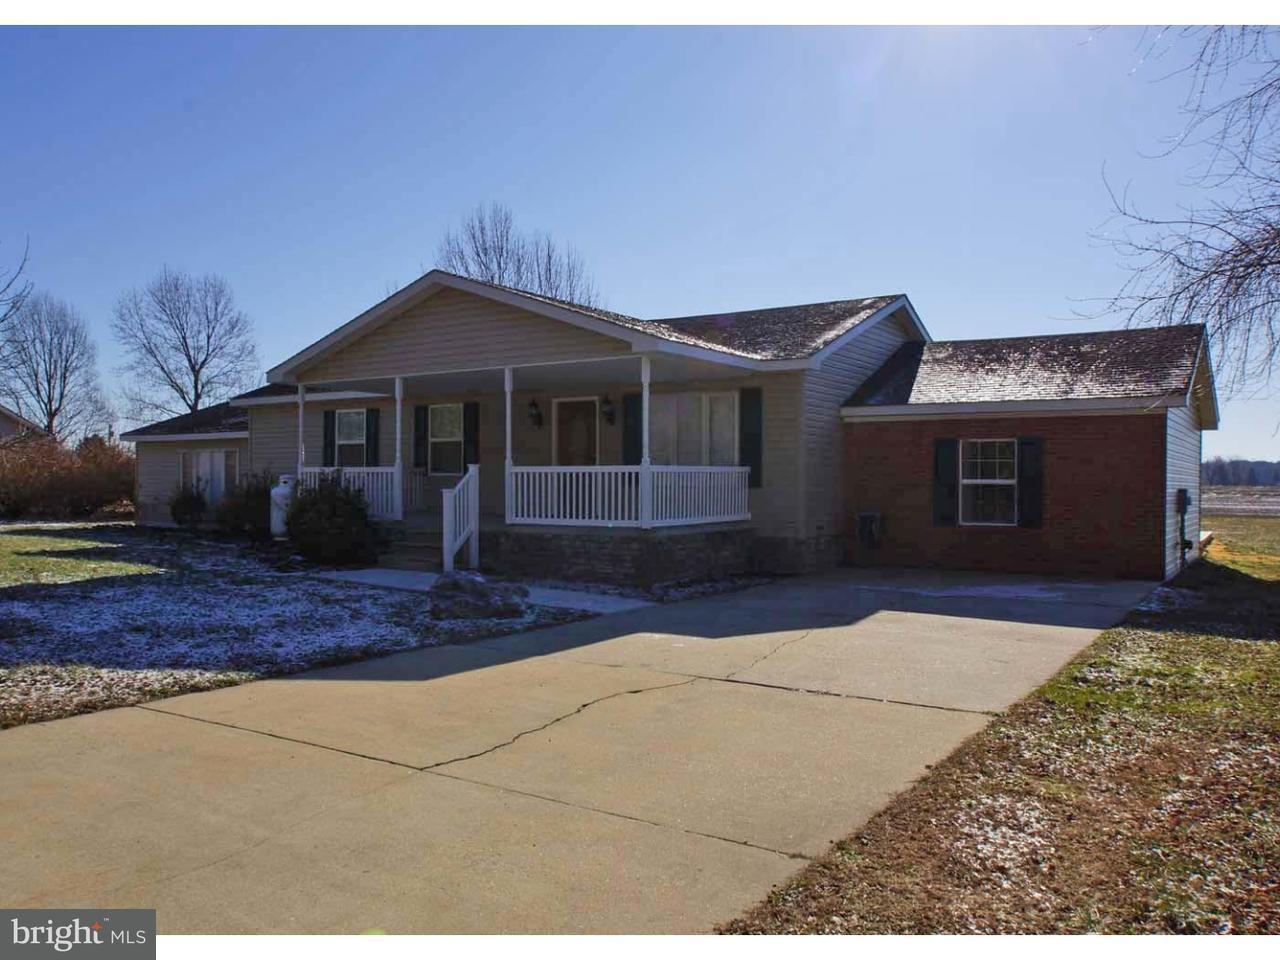 獨棟家庭住宅 為 出售 在 12808 STAYTONVILLE Road Harrington, 特拉華州 19952 美國